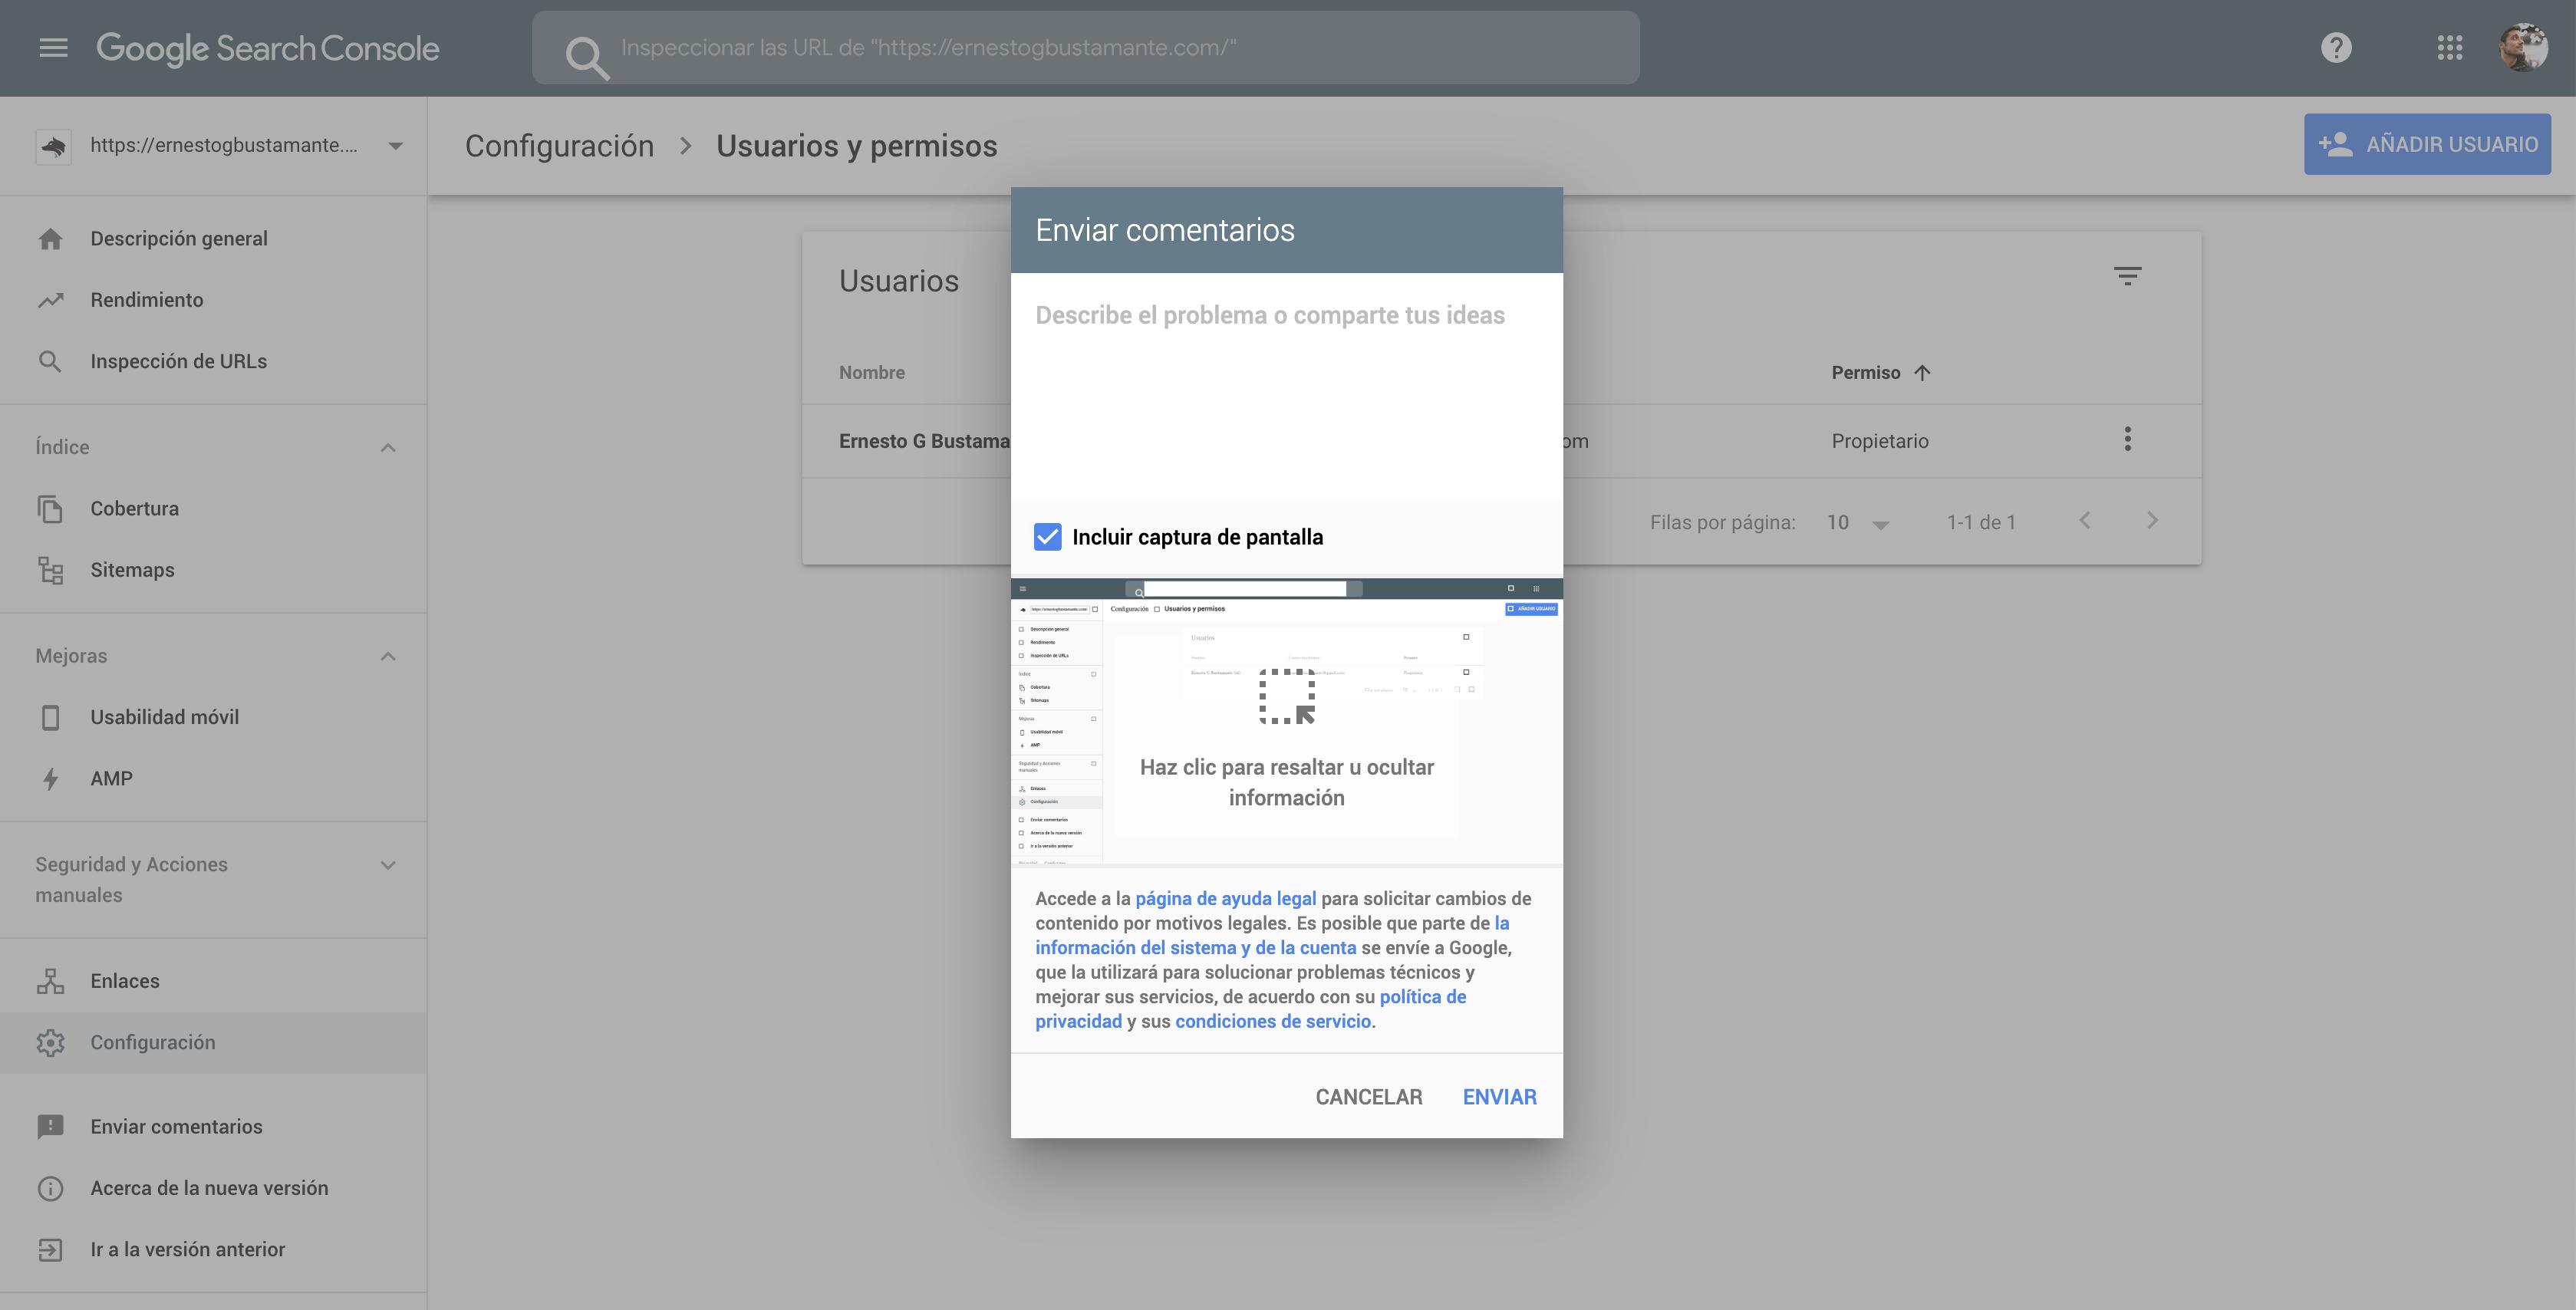 Enviar comentarios - Nueva Google Search Console